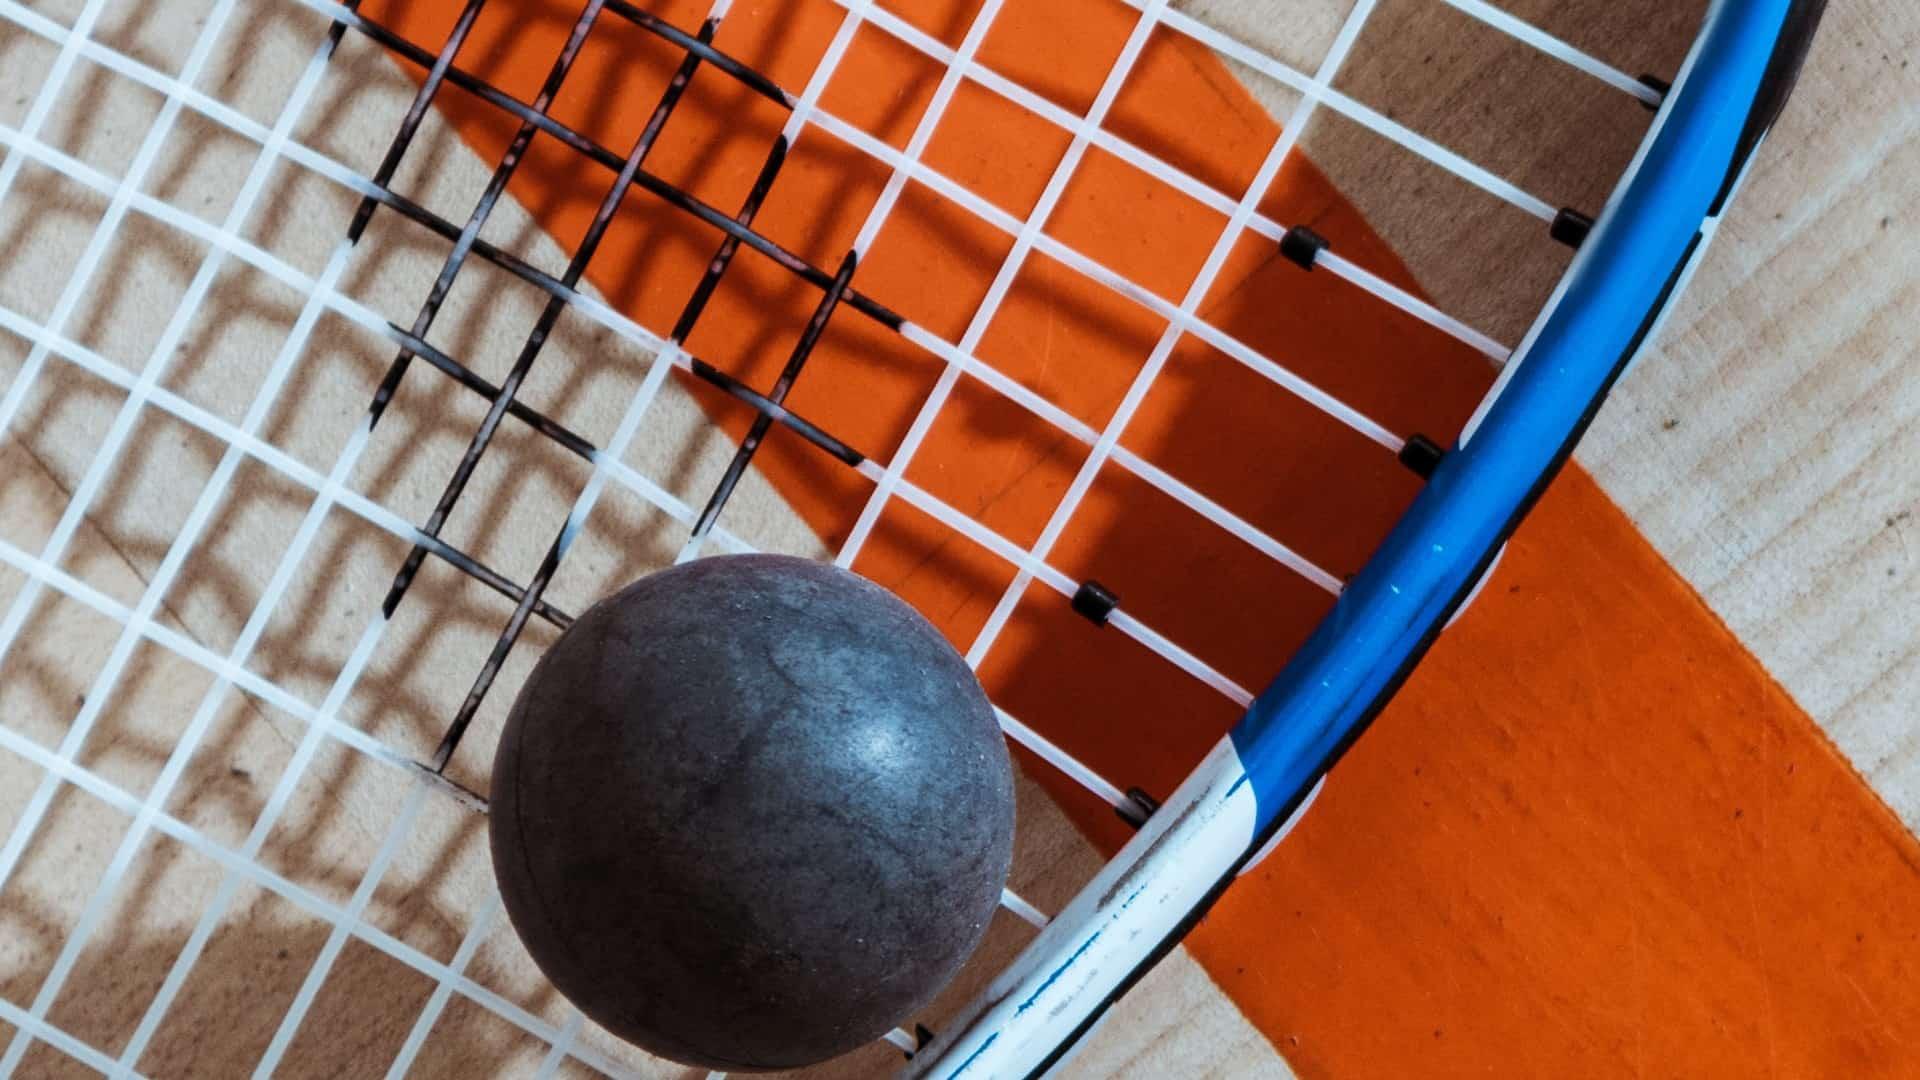 Migliore racchetta da squash 2020: Guida all'acquisto